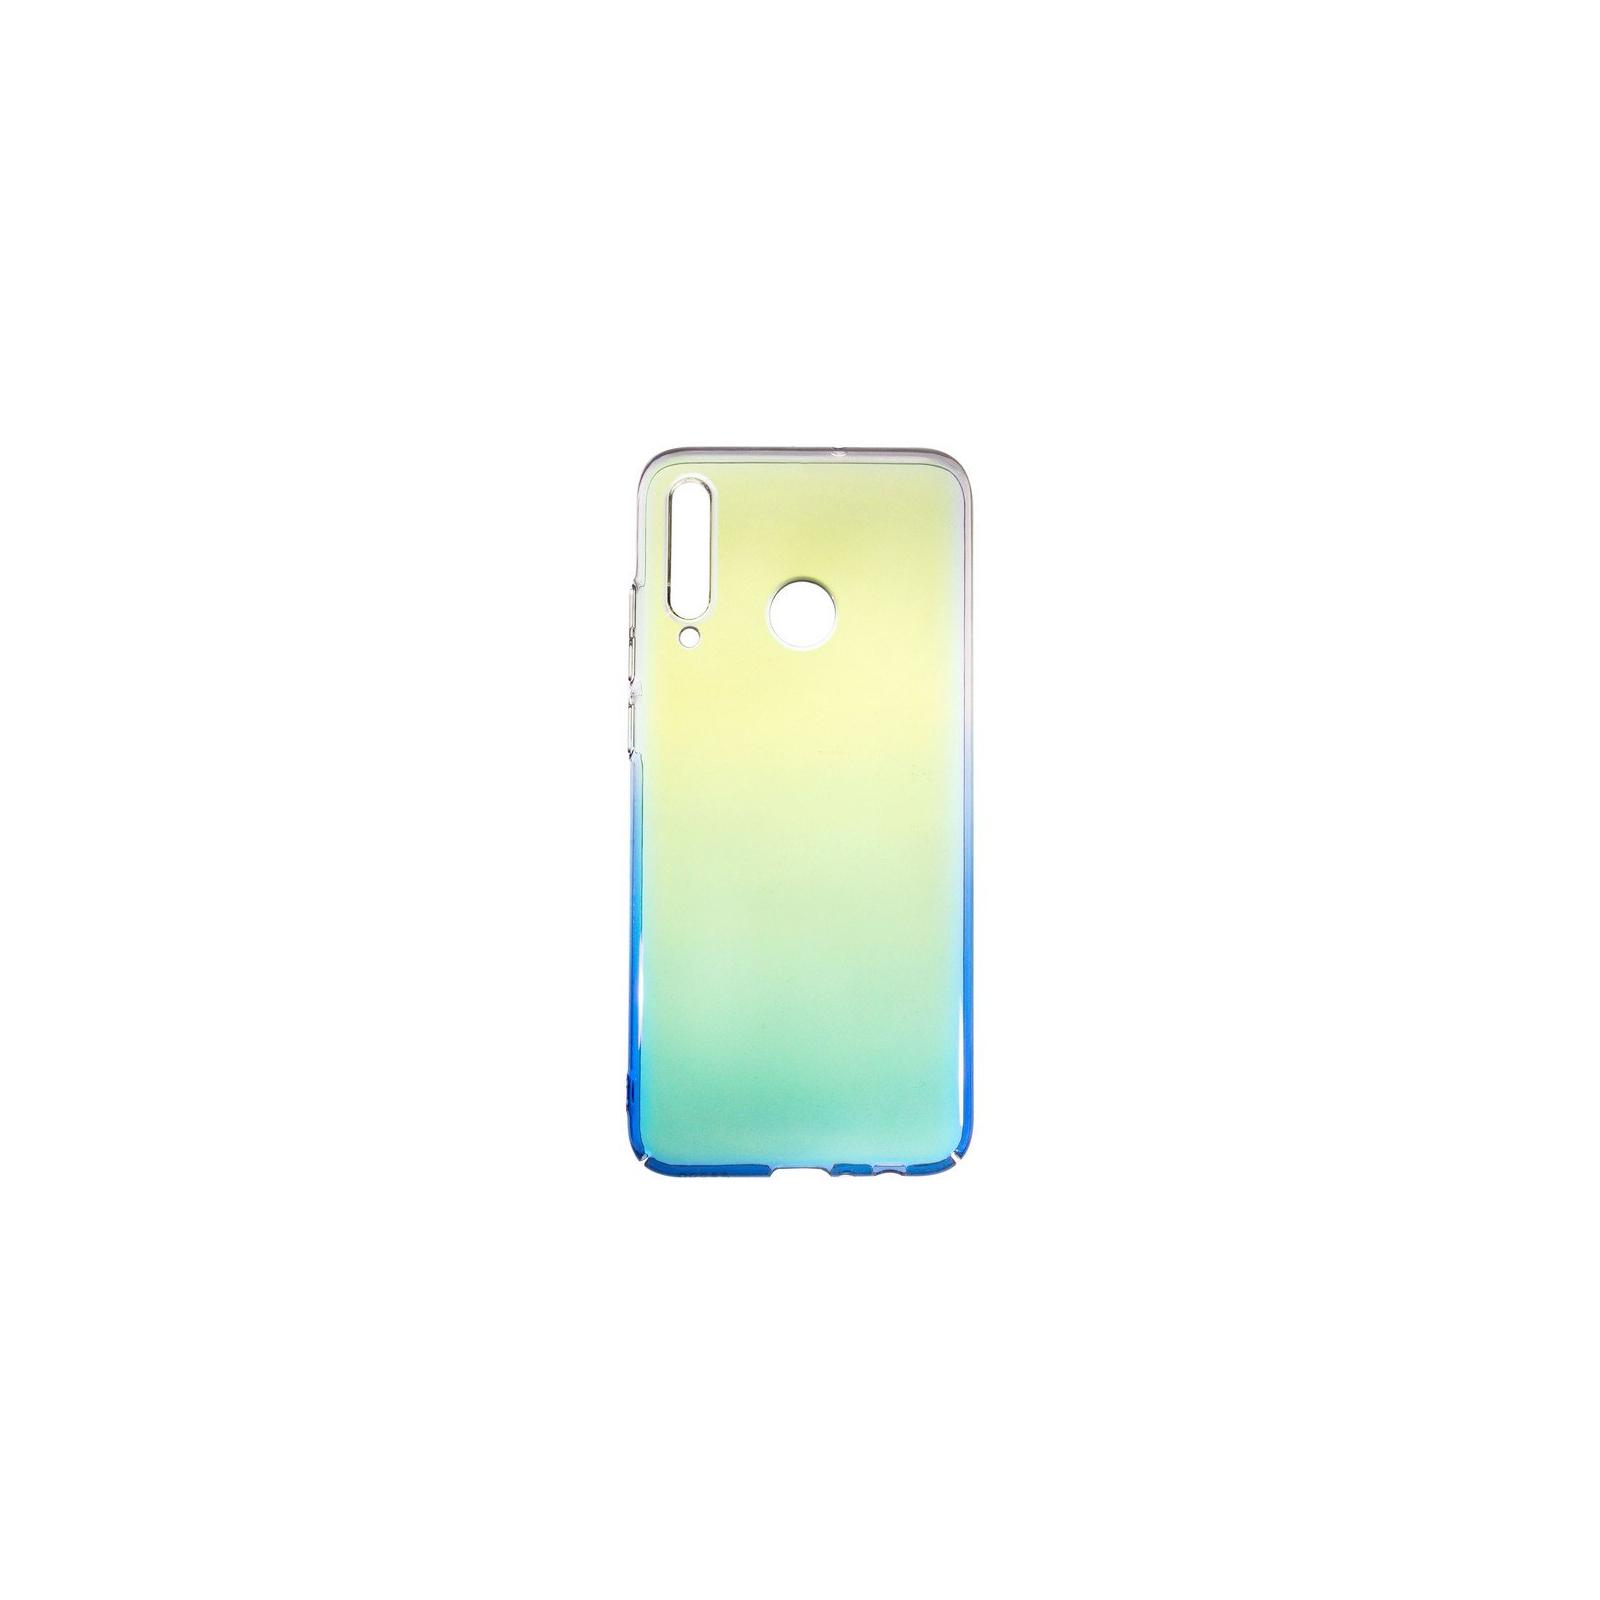 Чехол для моб. телефона ColorWay ColorWay PC Gradient для Huawei P Smart 2019/P Smart plus 20 (CW-CPGHPSP19-BU)